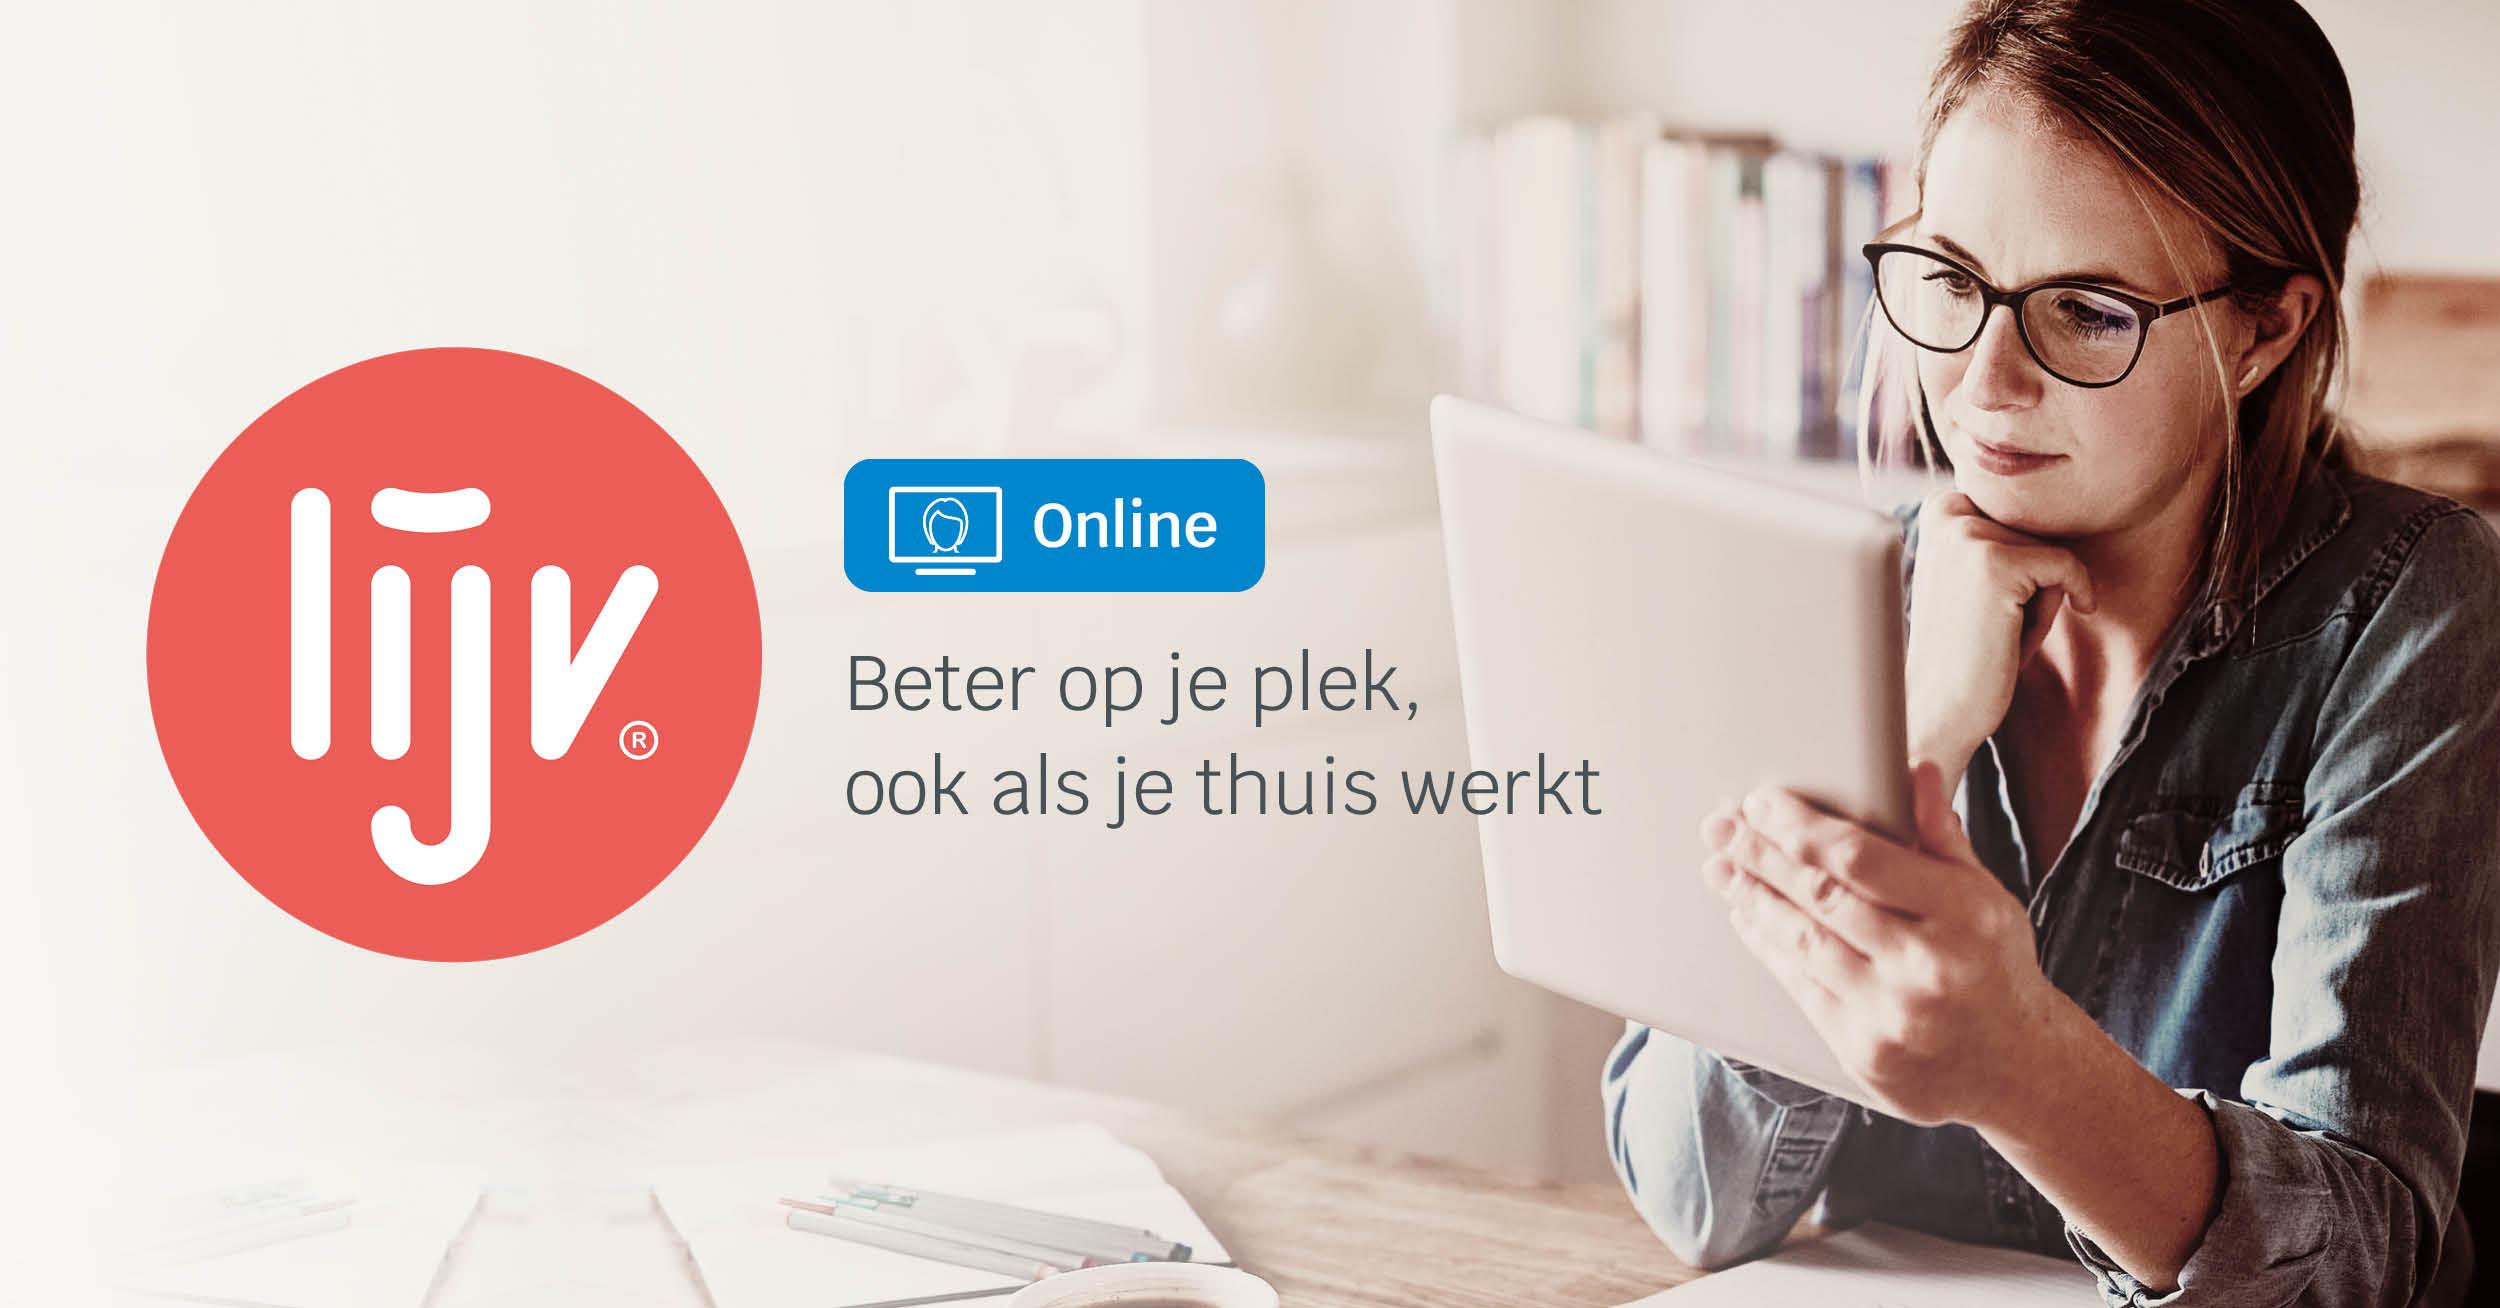 Online diensten